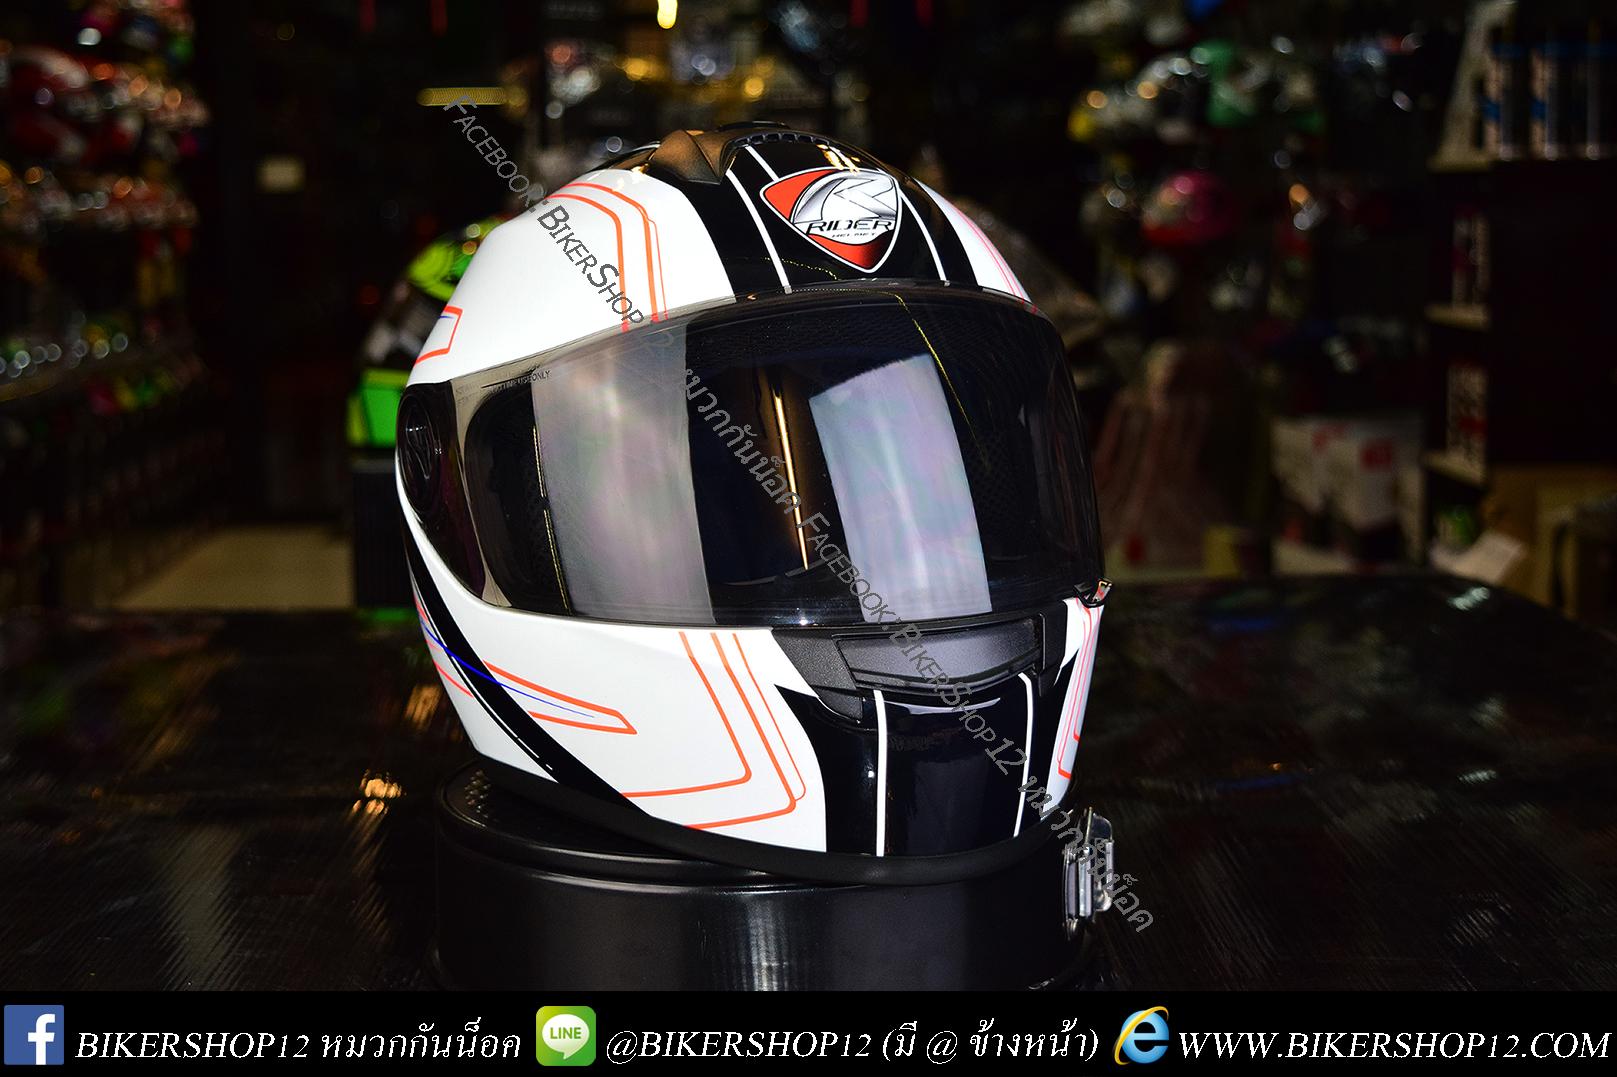 หมวกกันน็อคRider รุ่น Vision X สี Fast White